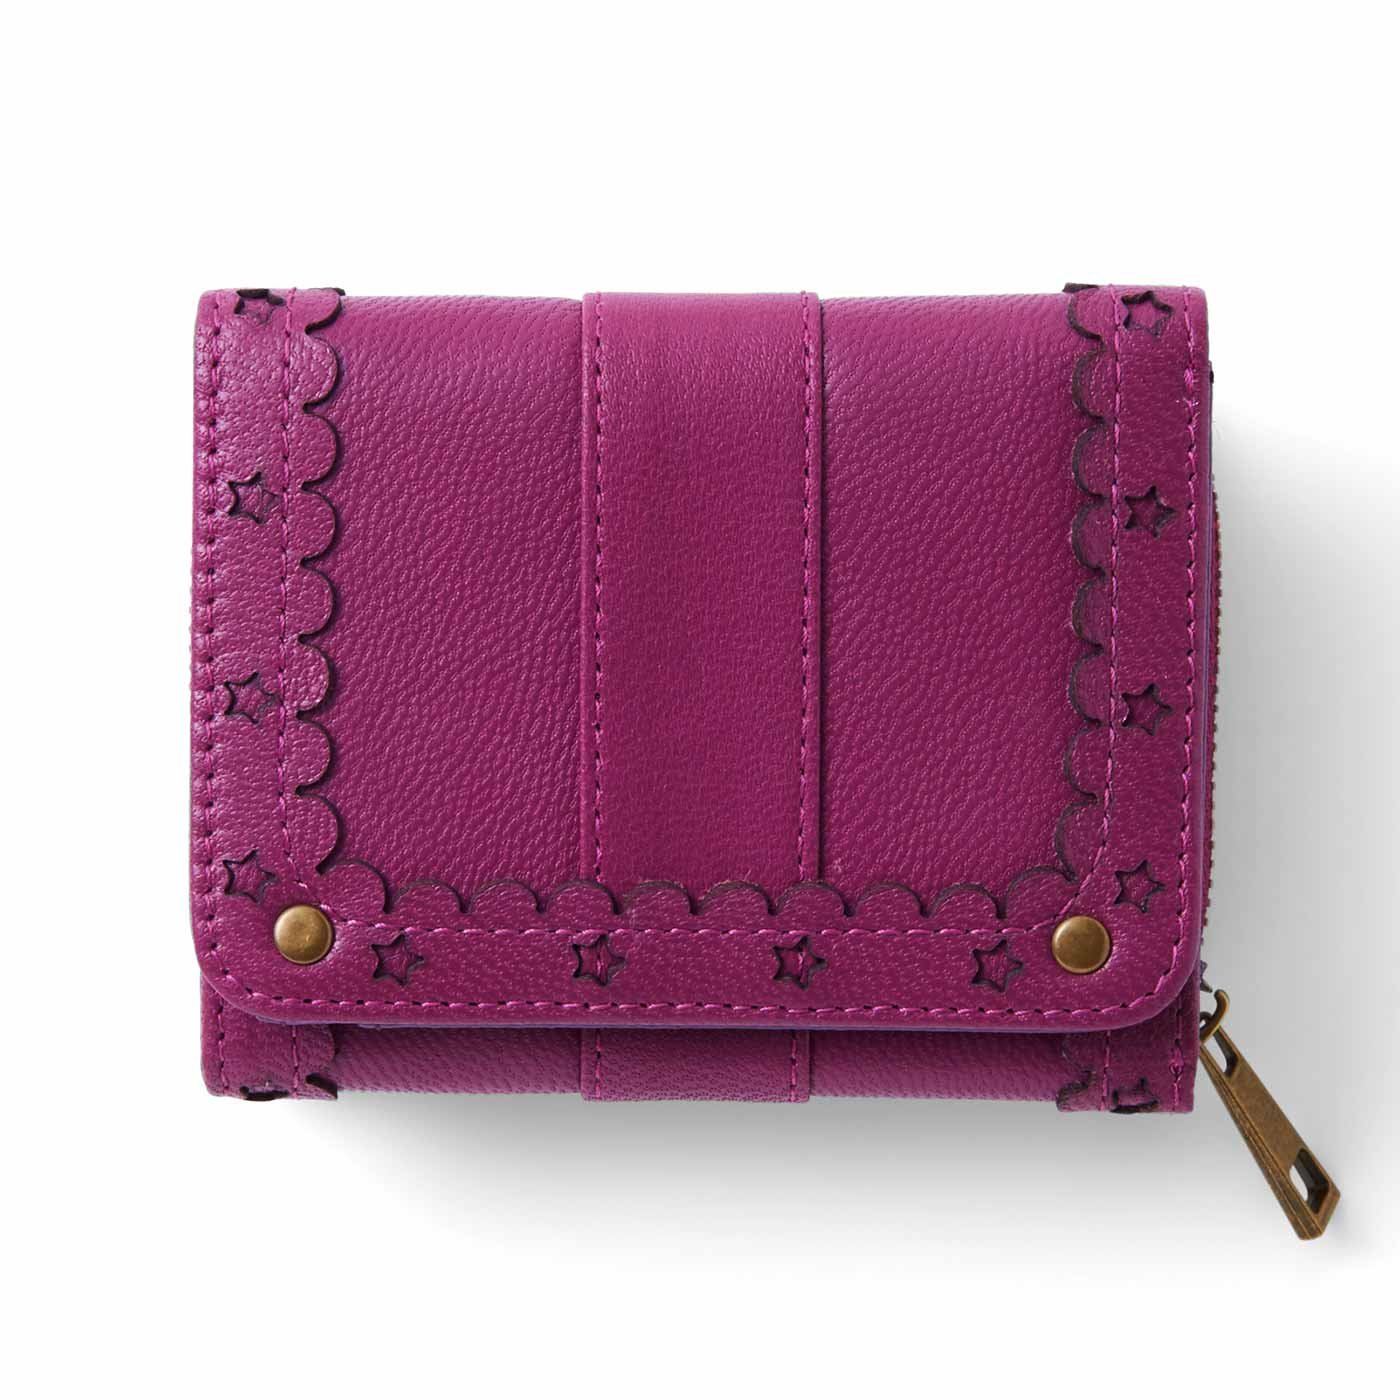 リブ イン コンフォート はまじとコラボ ずっと使いたい とっておきの本革ちび財布〈ベリーピンク〉